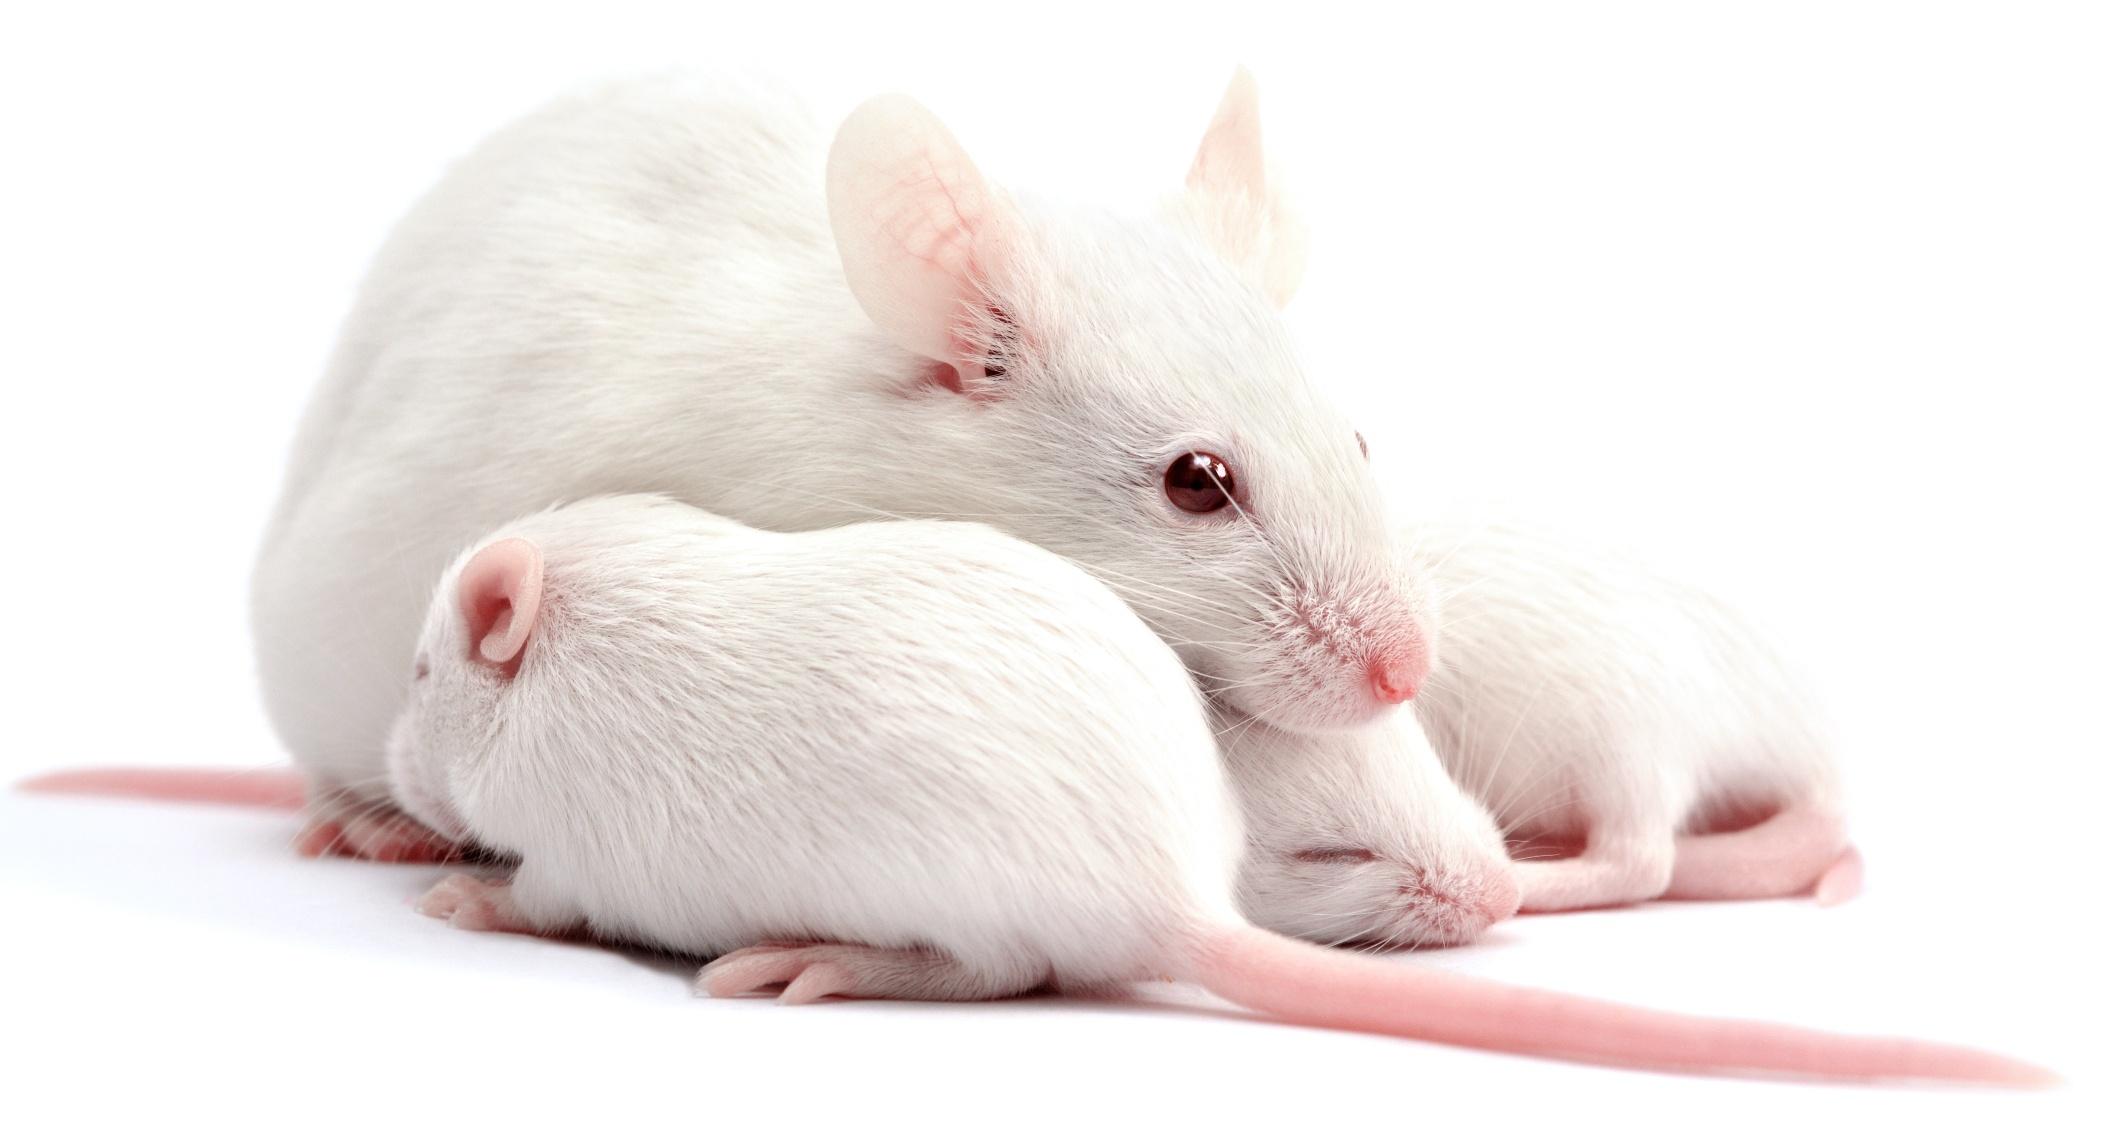 Картинки крыса Детеныши Животные белым фоном Крупным планом Крысы вблизи животное Белый фон белом фоне